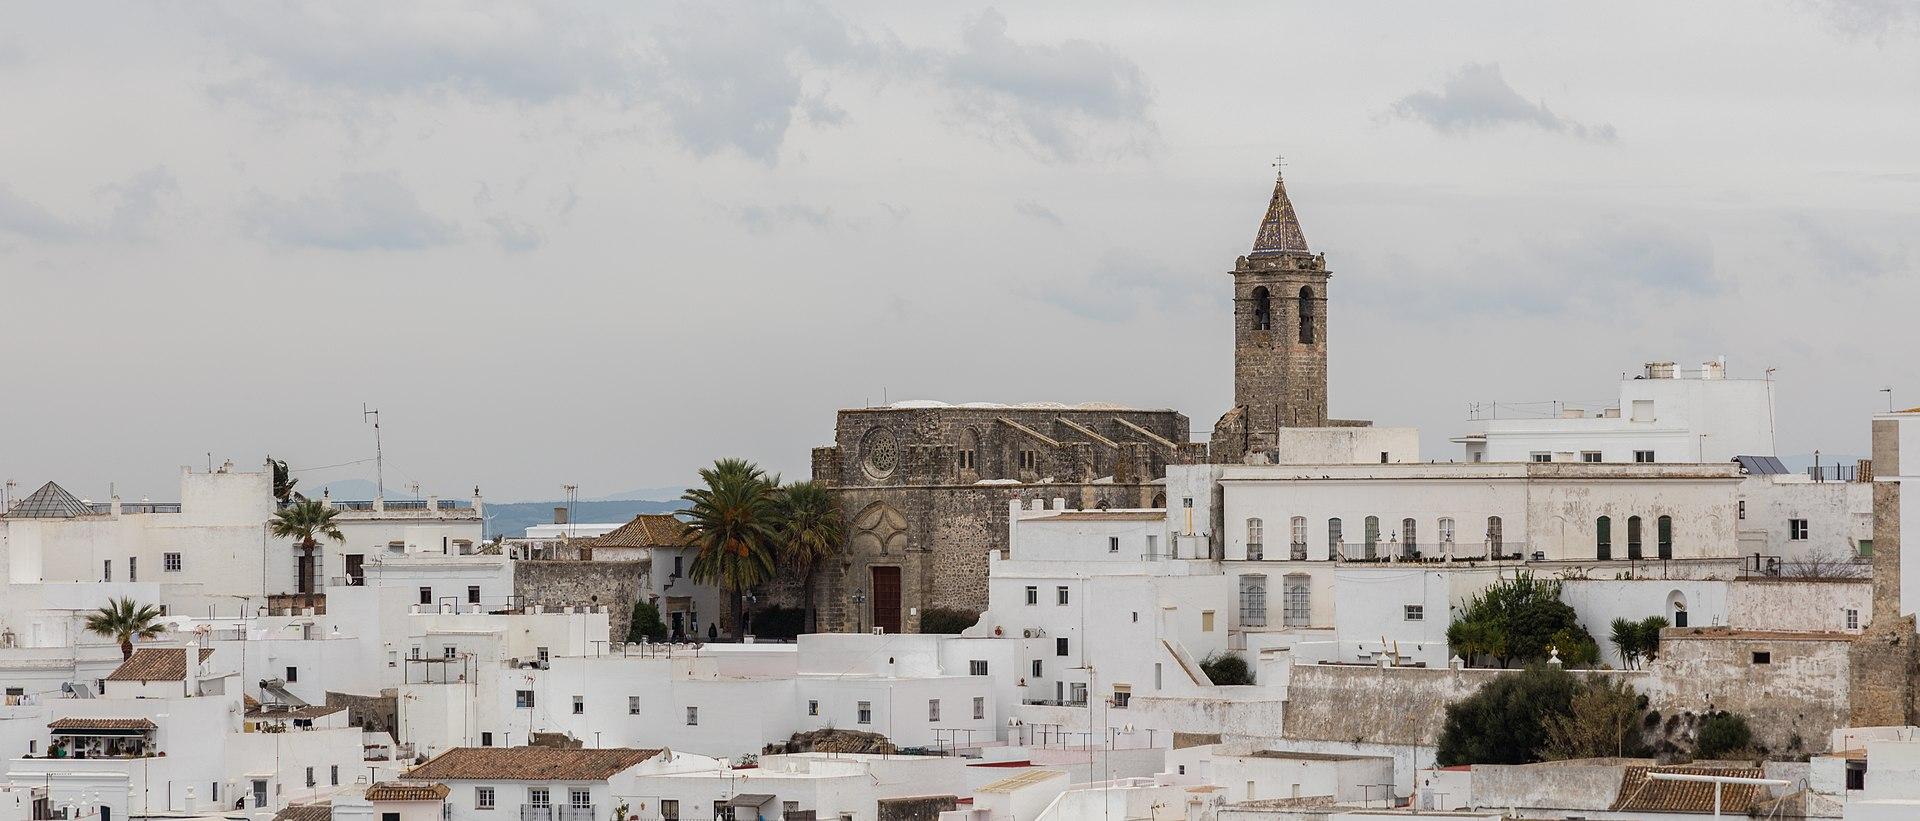 Vista de Vejer de la Frontera, Cádiz, España, 2015-12-09, DD 21.JPG